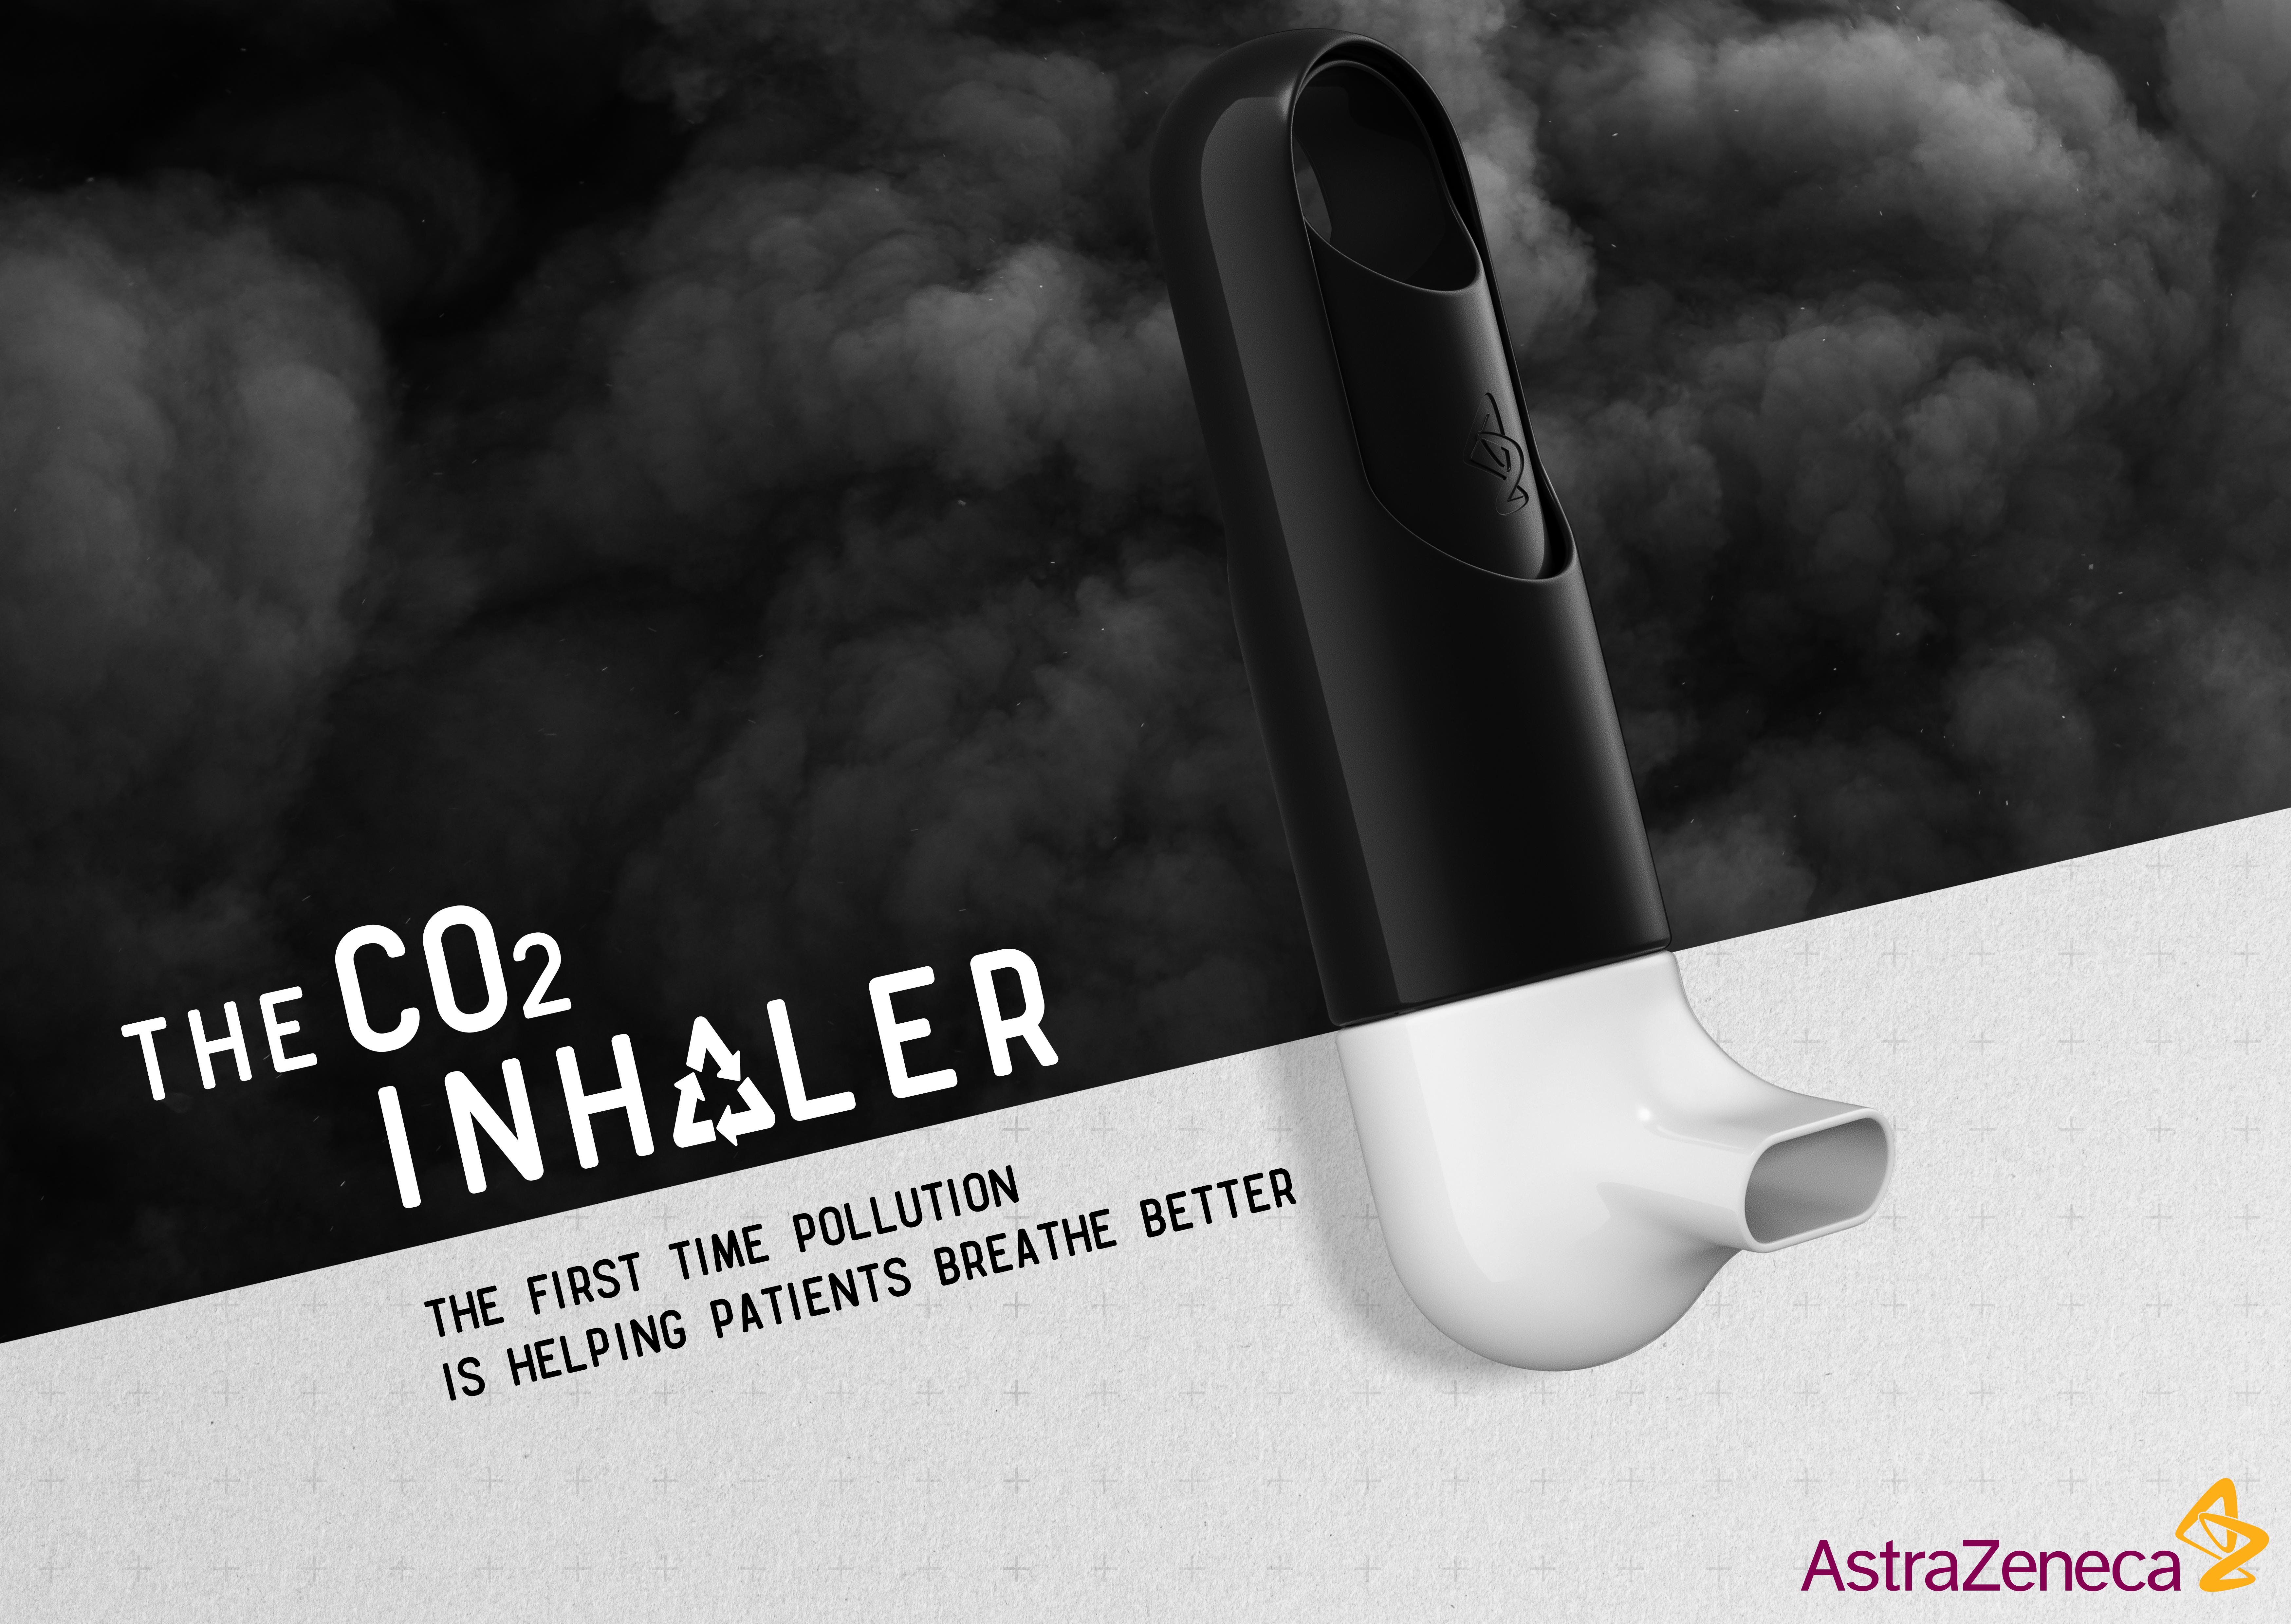 inhaler_image_1